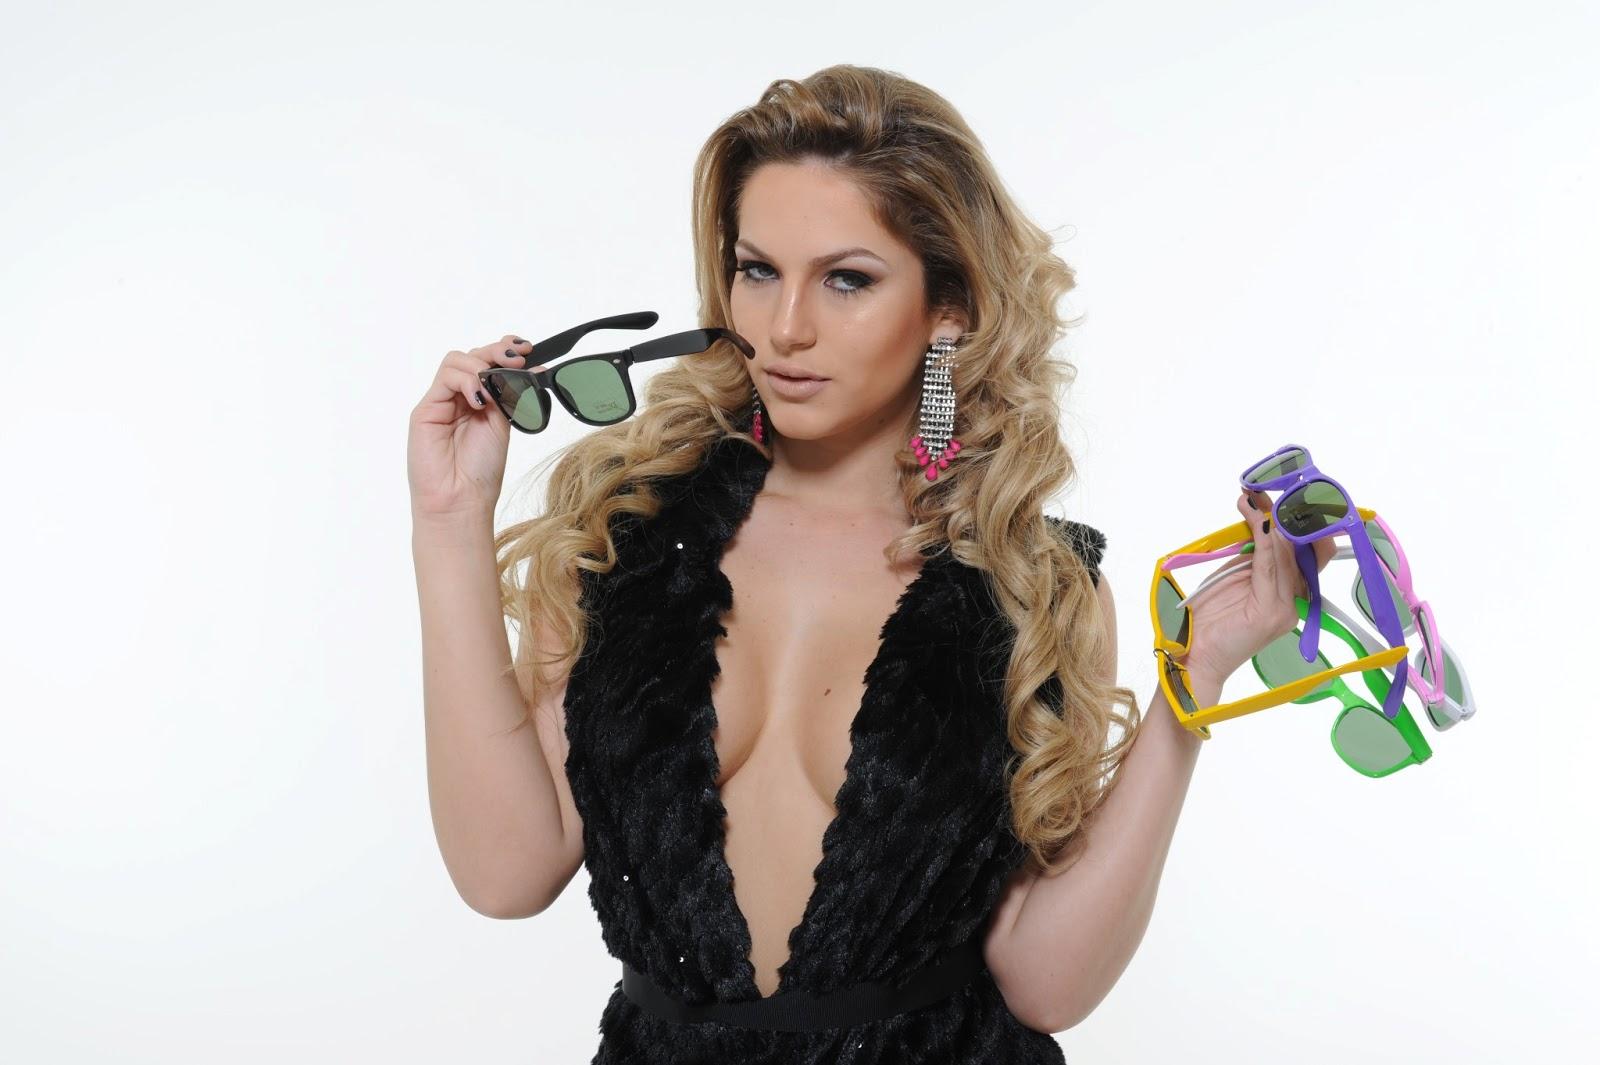 Gustavo Godoy Digital Influencer em Londrina -Pr  Glamour Fashion ... 0322587bbf